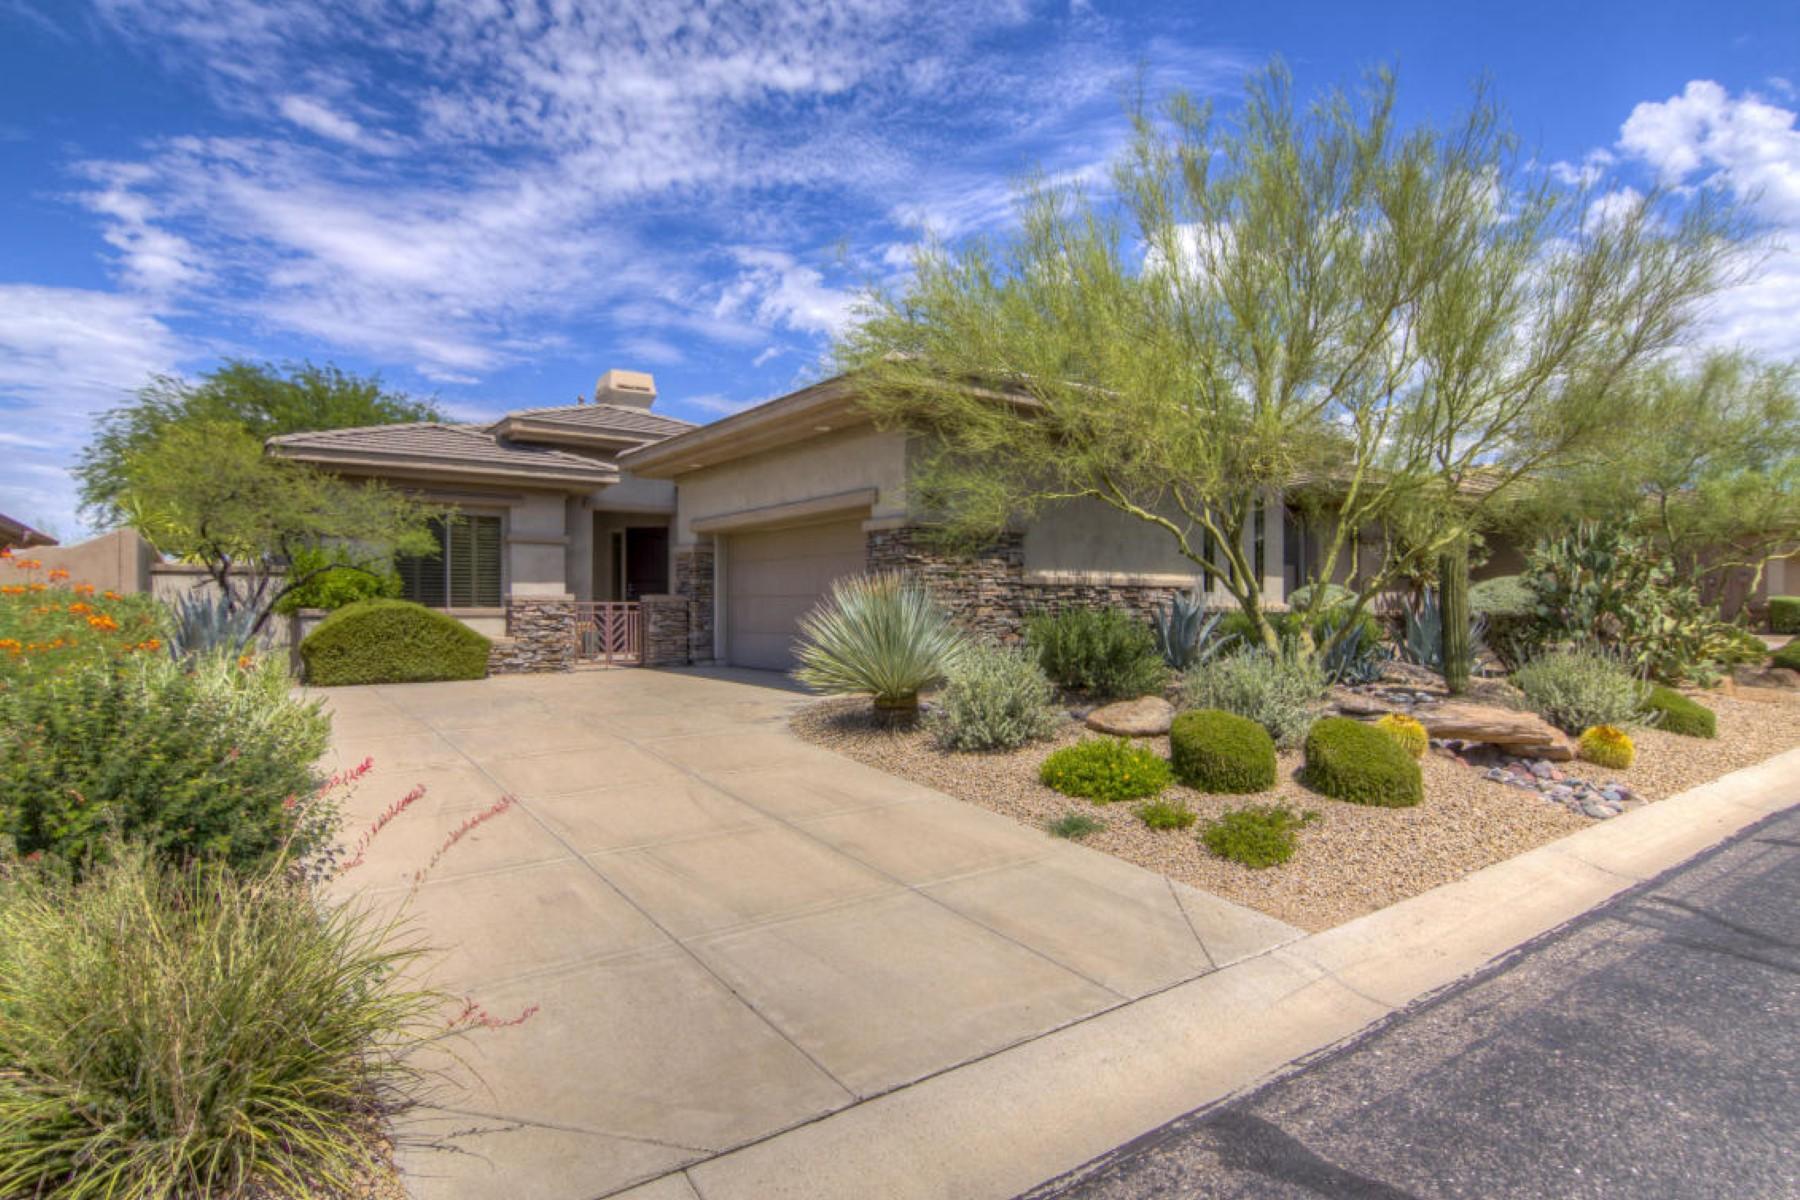 一戸建て のために 売買 アット Stunning home offers a private lot with the most popular ''Ouro'' floor plan. 7596 E BALAO DR Scottsdale, アリゾナ 85266 アメリカ合衆国